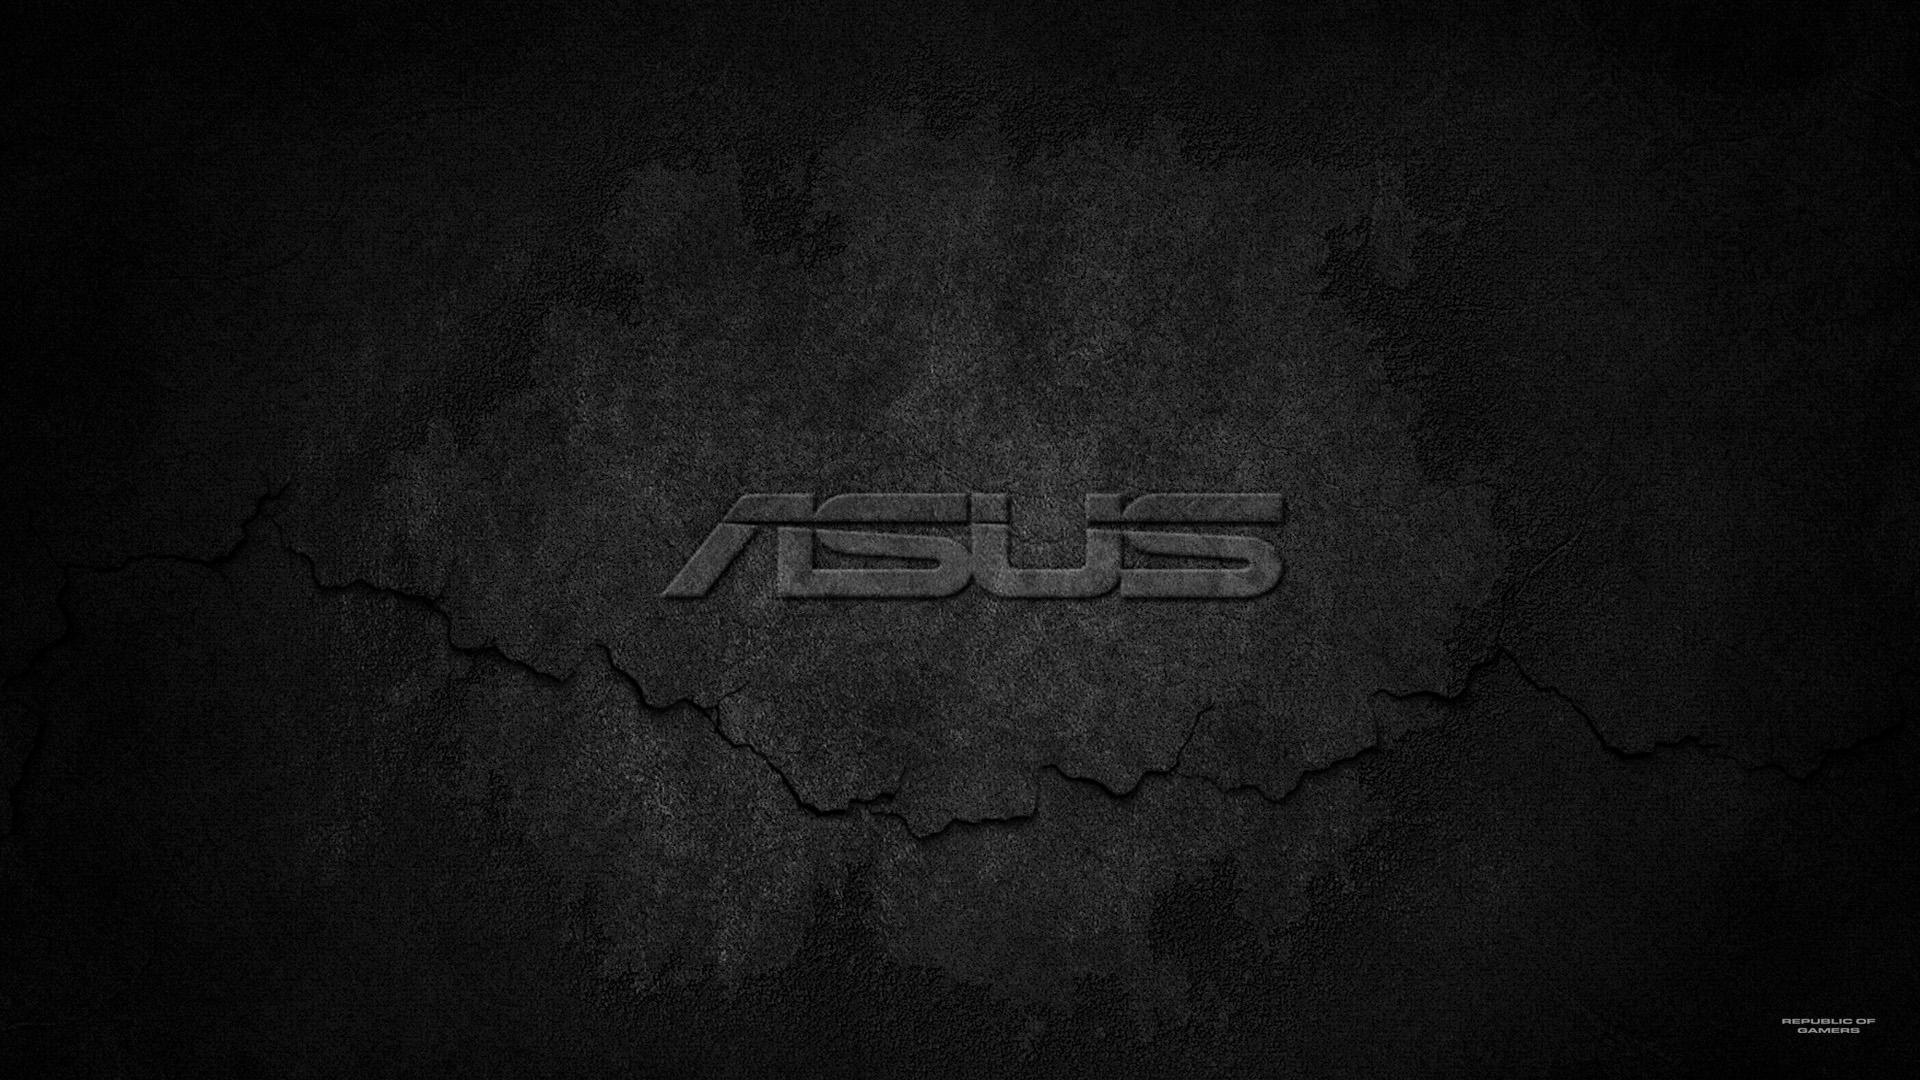 Asus-Wallpapers-HD-For-Desktop